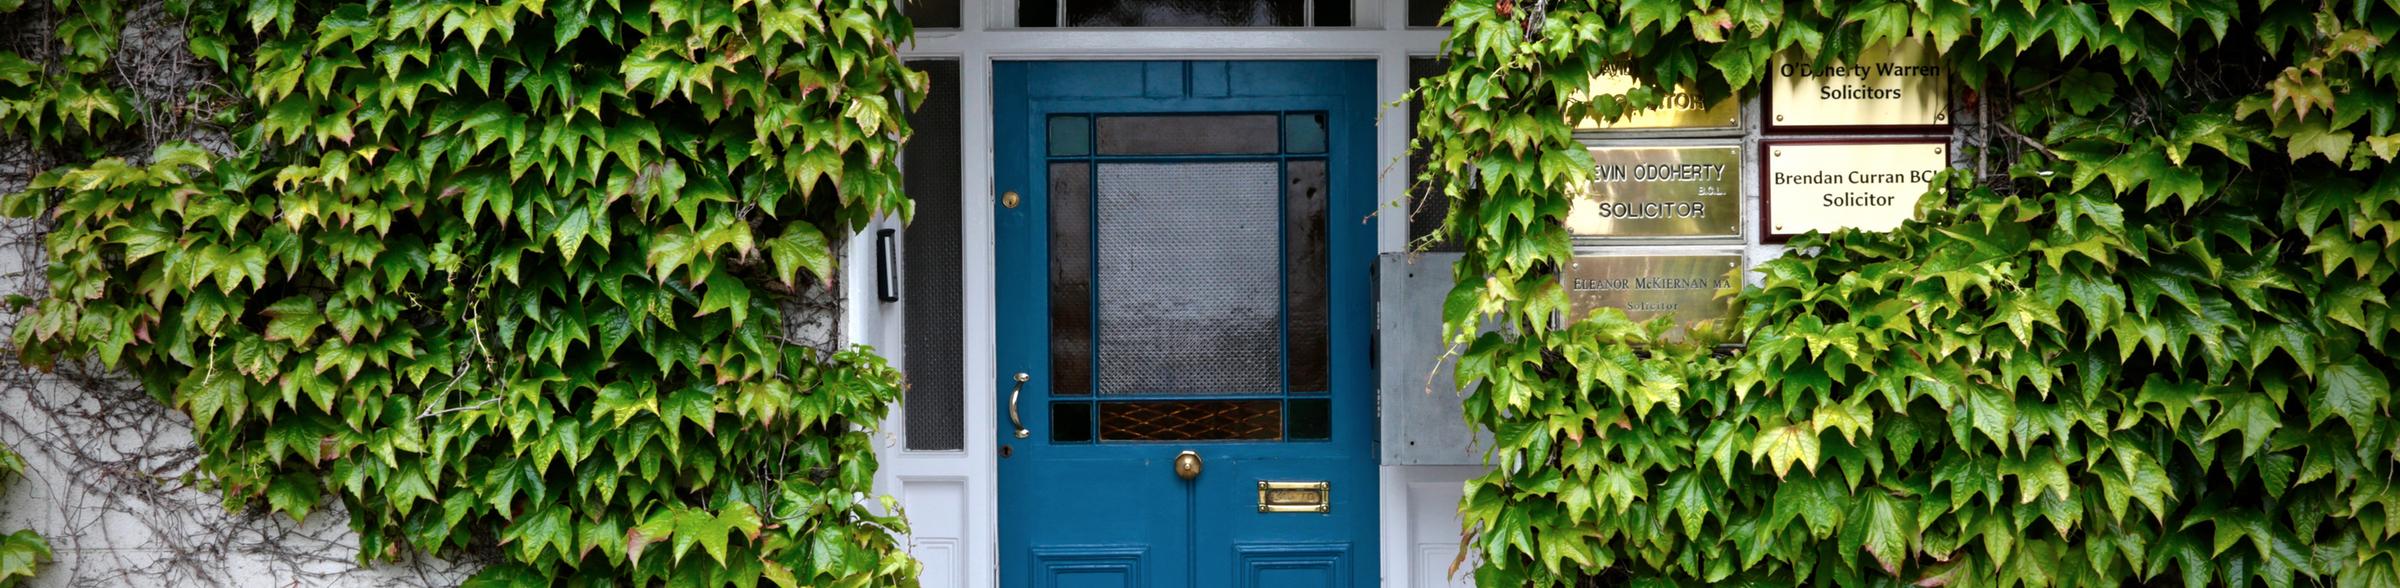 banner-home-door.jpg